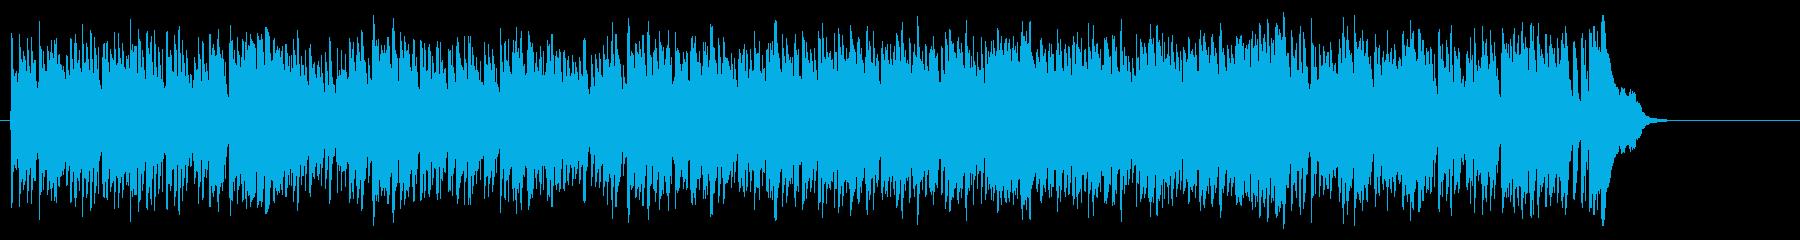 リゾート気分に浸るボサノバ風ポップスの再生済みの波形